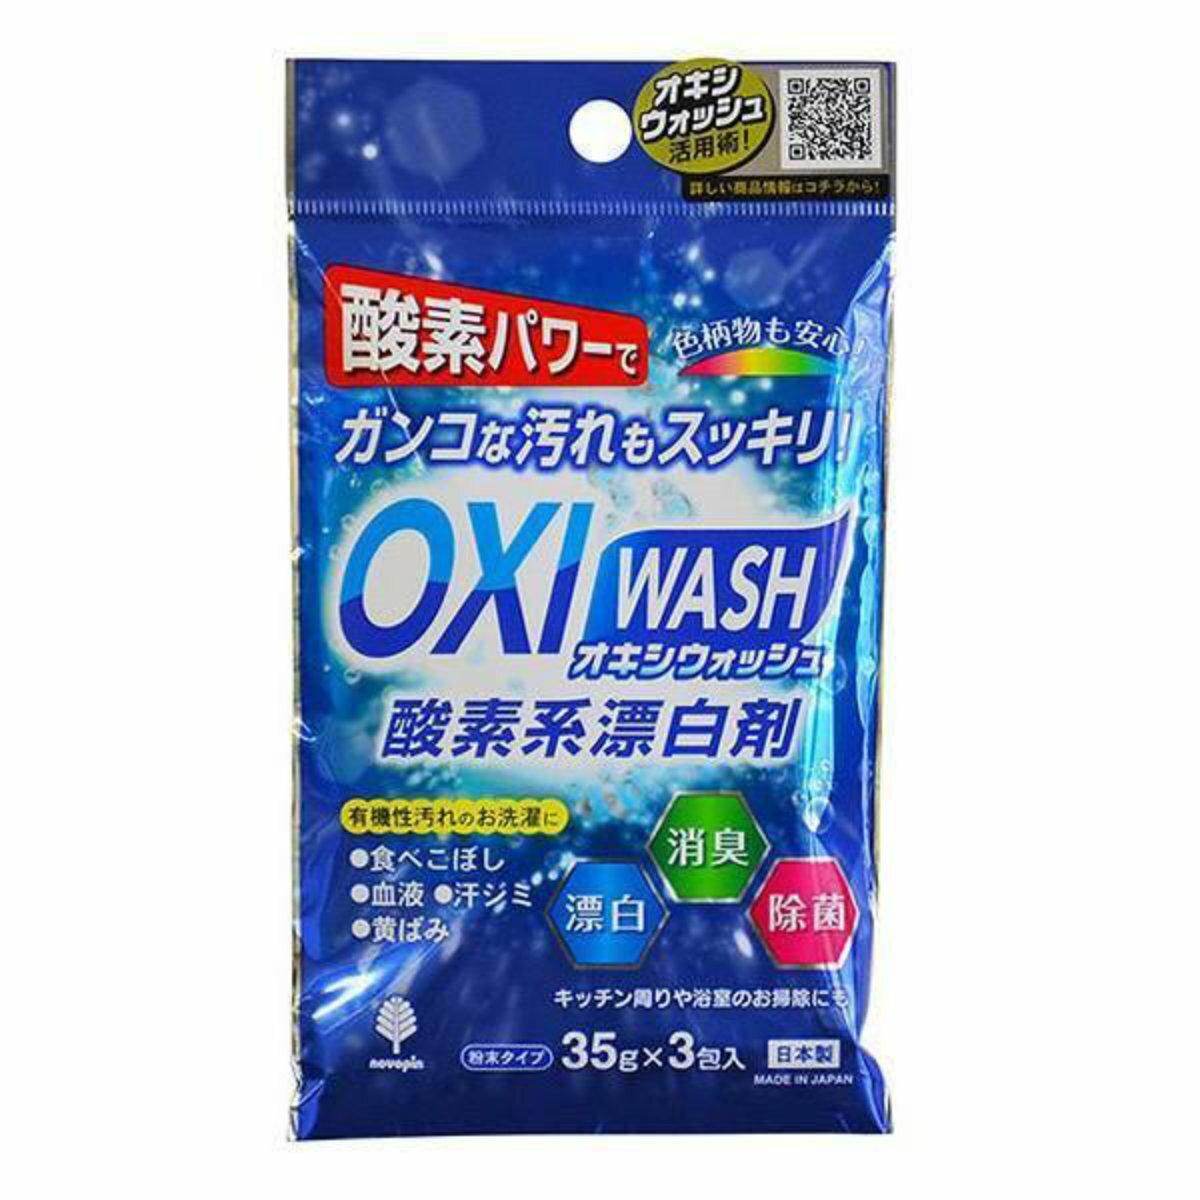 オキシウォッシュ 酸素系漂白剤 35g×3包入 ( 酸素系 漂白剤 オキシ漬け オキシづけ カビ 漂白 除菌 消臭 掃除 掃除用品 清掃用品 お試し用 )